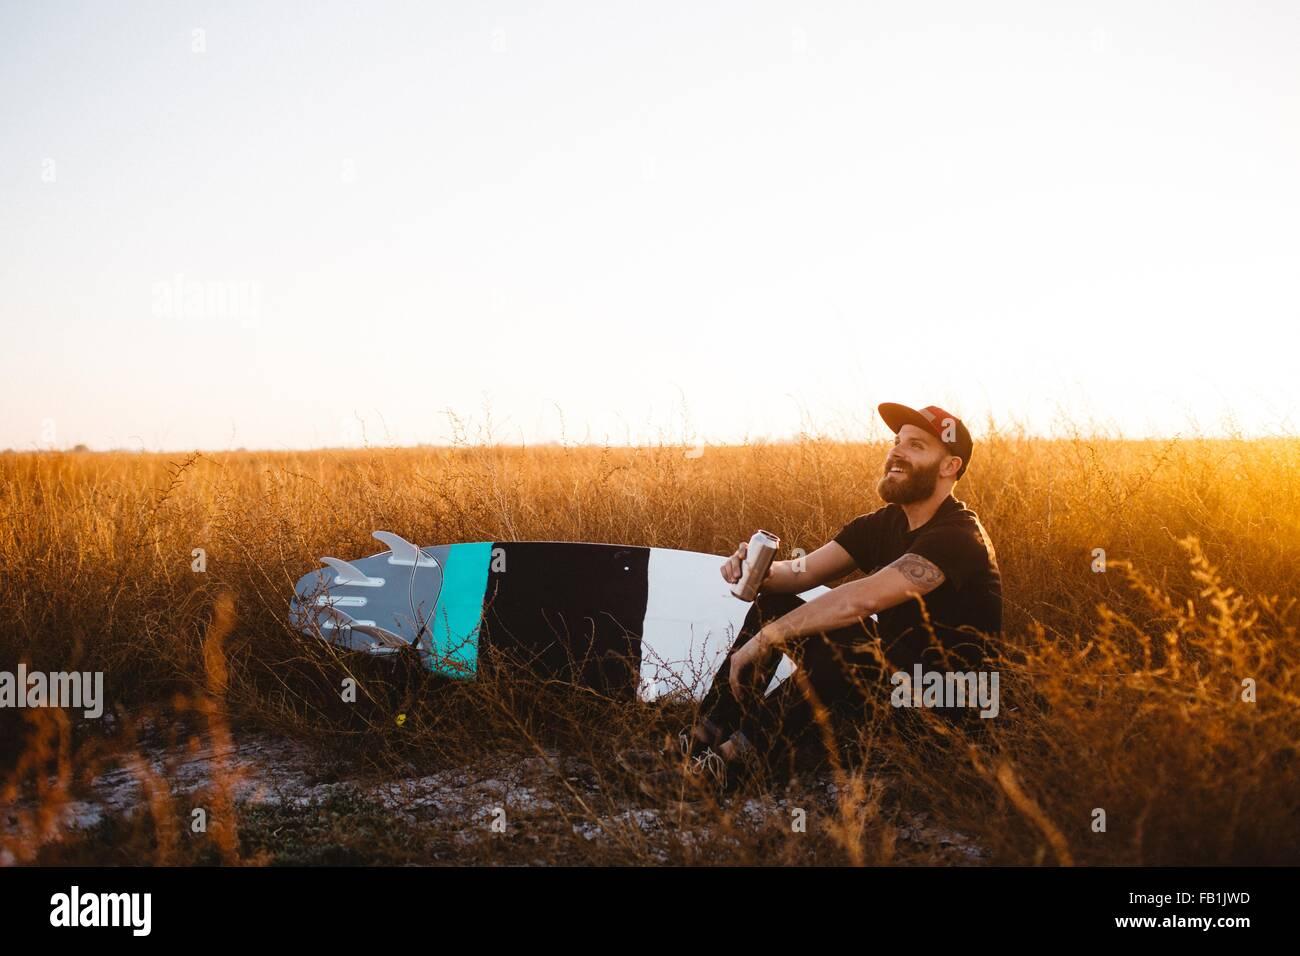 Surfista maschio a bere birra nel campo di erba lunga al tramonto, San Luis Obispo, California, Stati Uniti d'America Immagini Stock